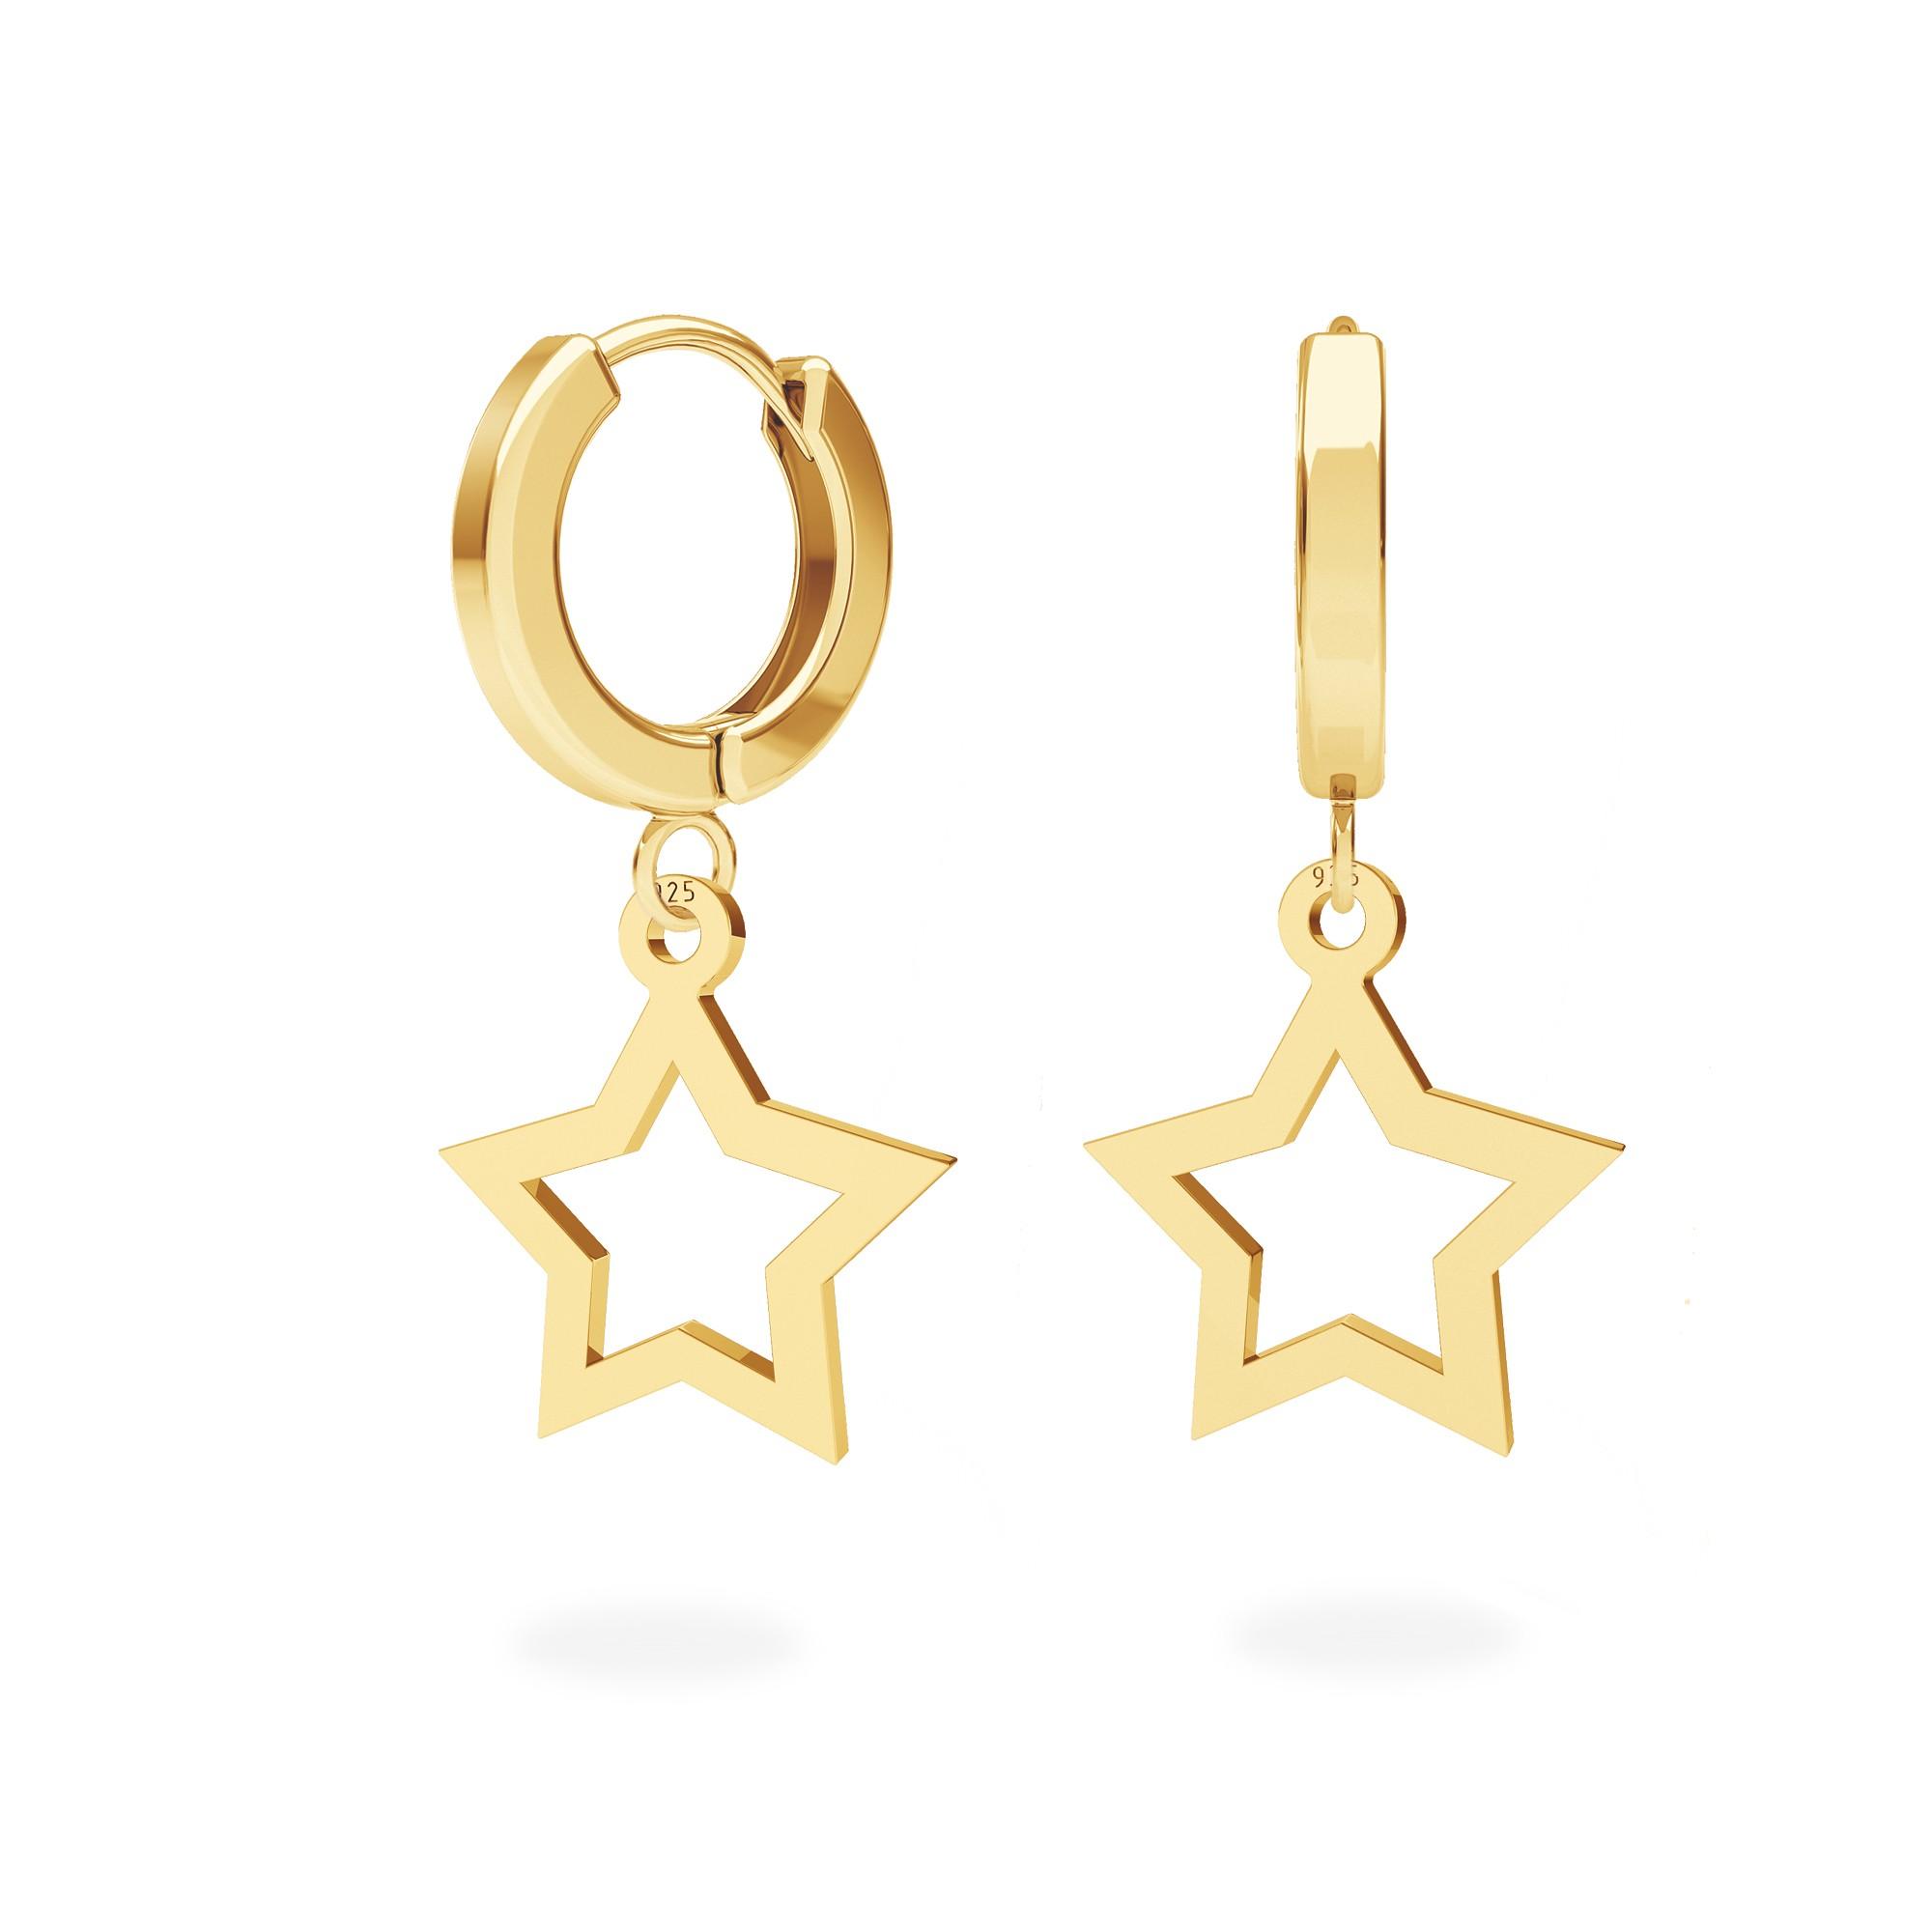 Moon earrings sterling silver 925